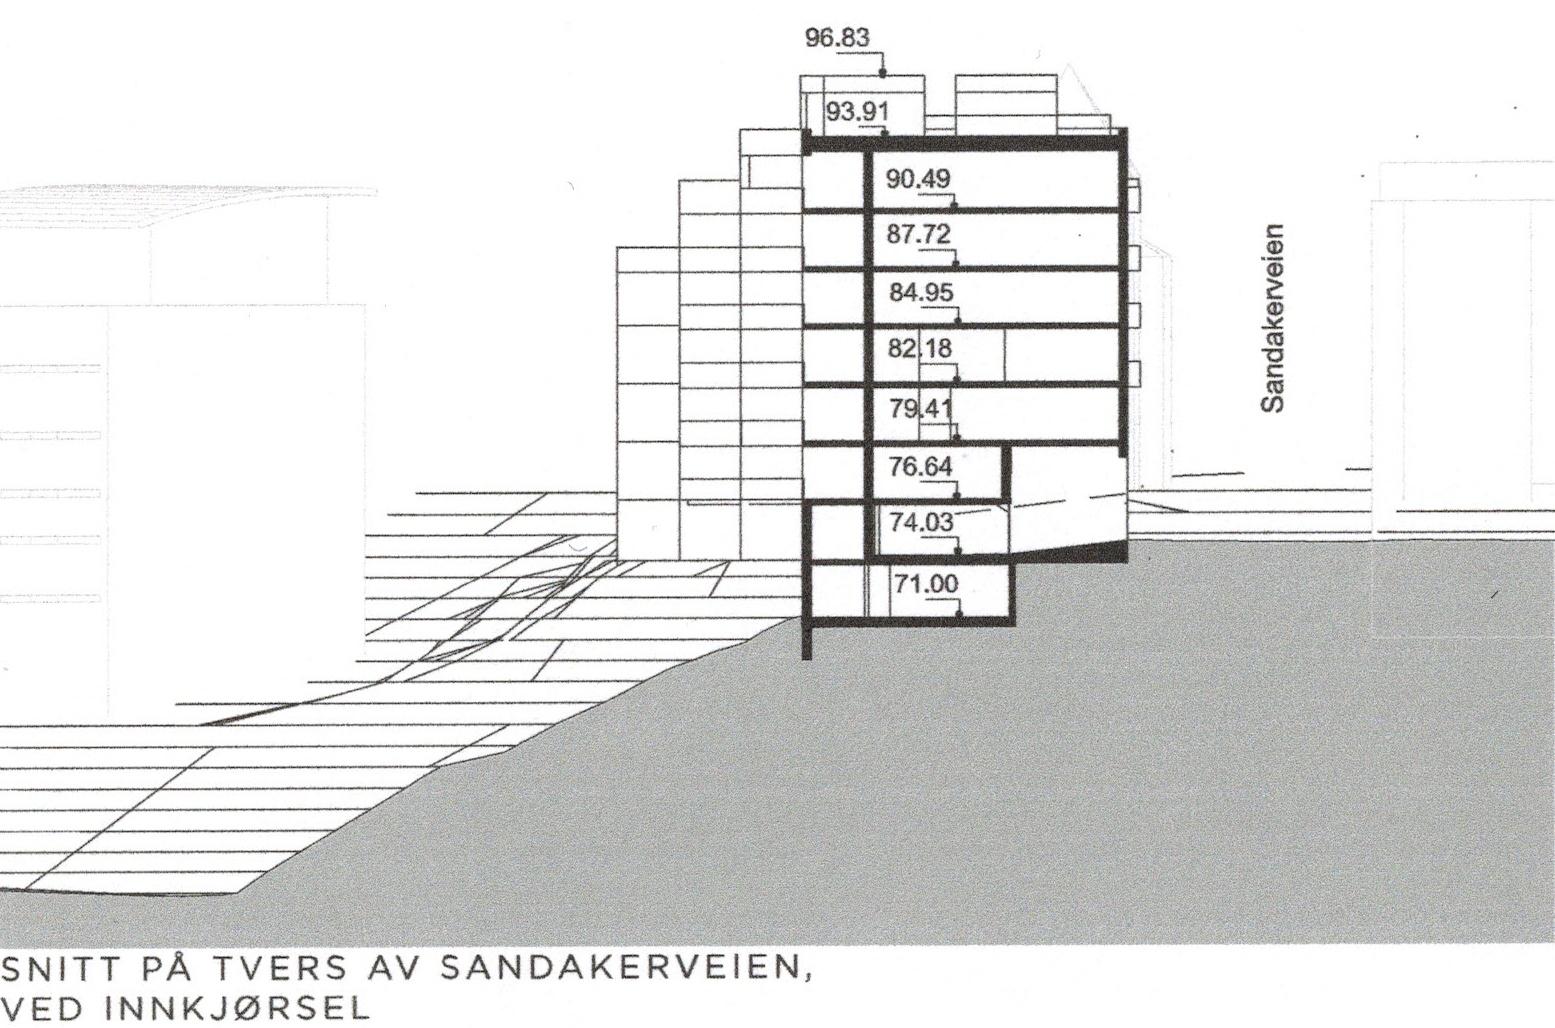 Sandakerveien 52 - Snitt på tvers av Sandakerveien